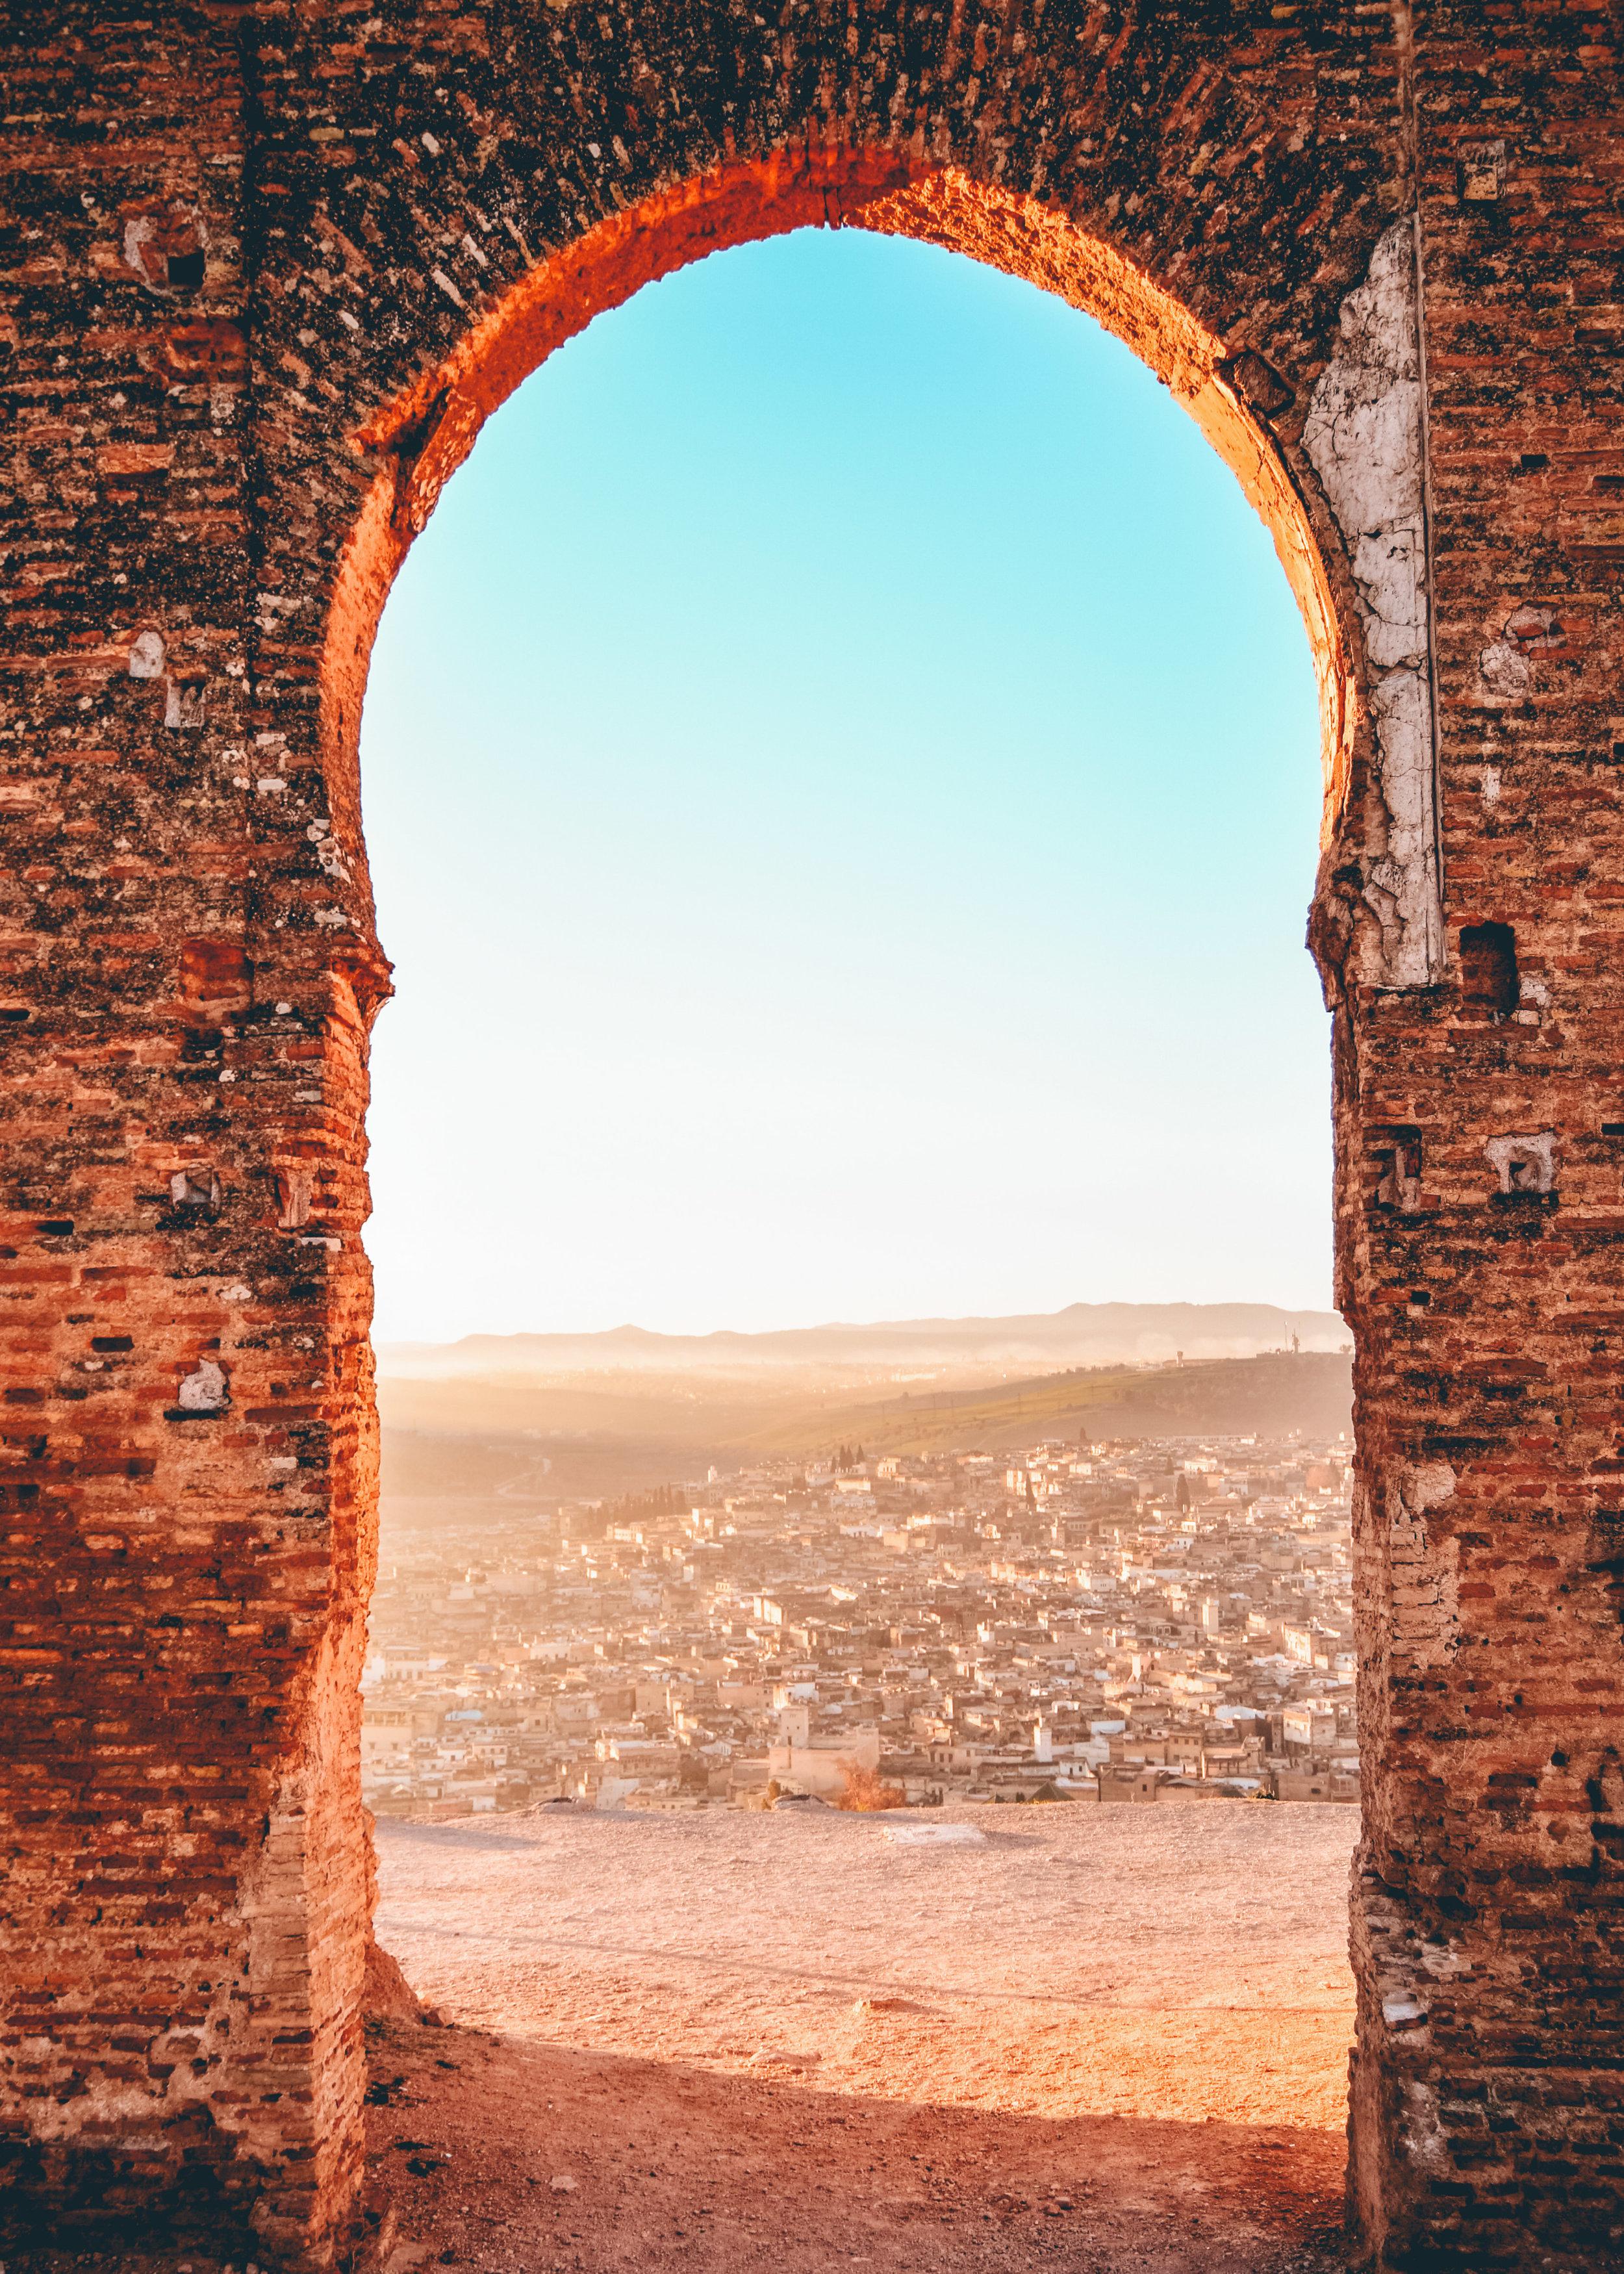 Fez_Architecture_Arch.jpg